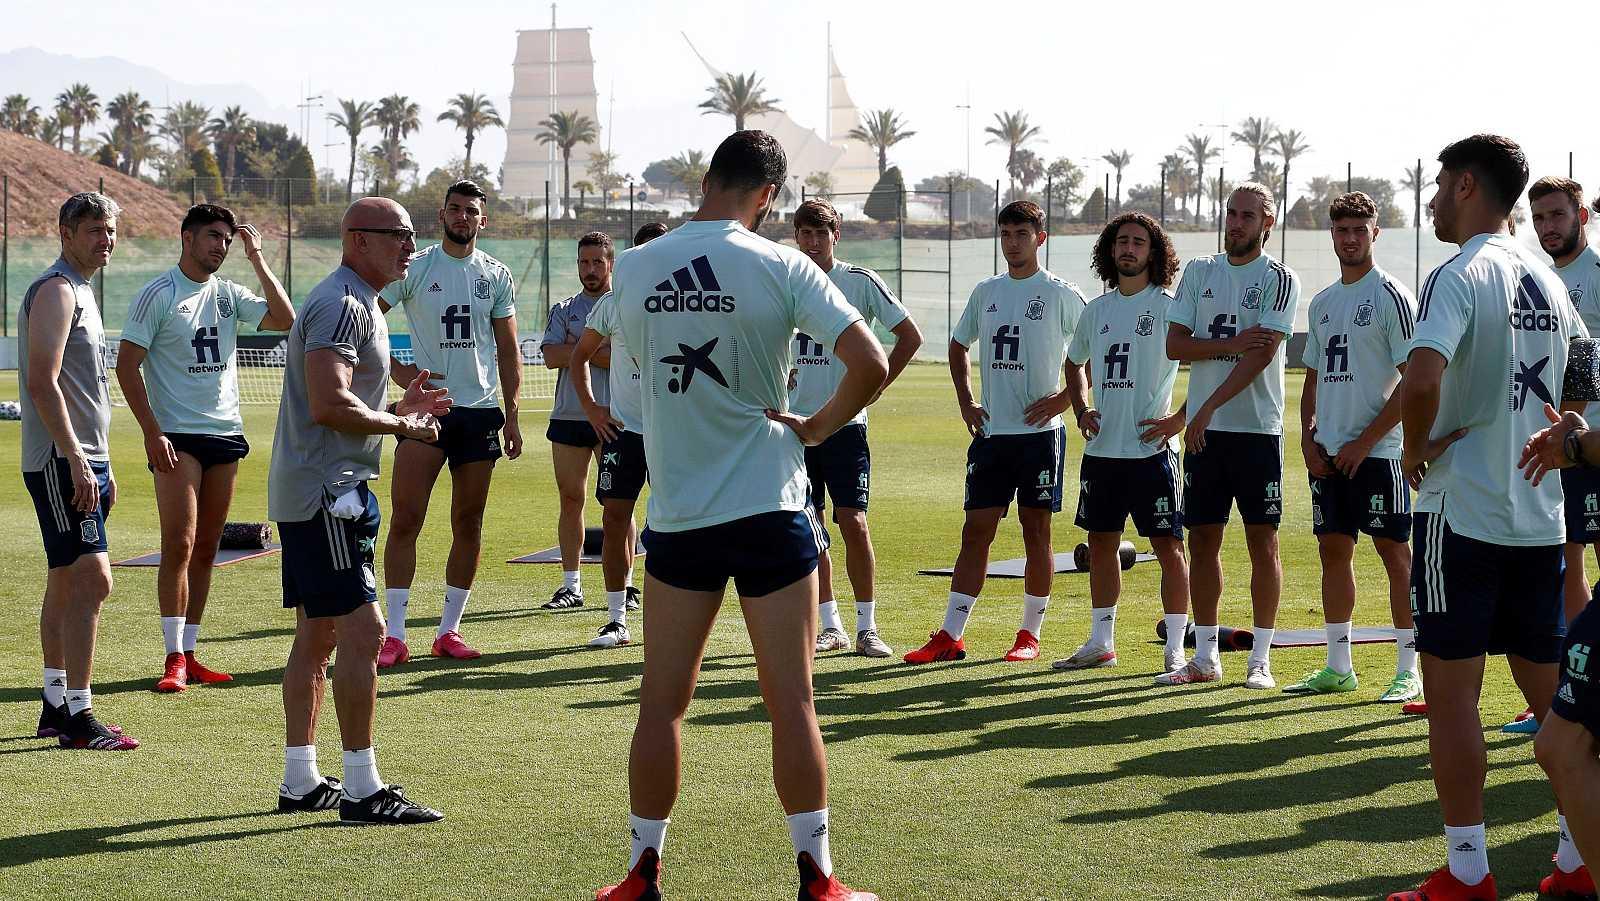 La selección de fútbol prepara los Juegos de Tokio en Benidorm